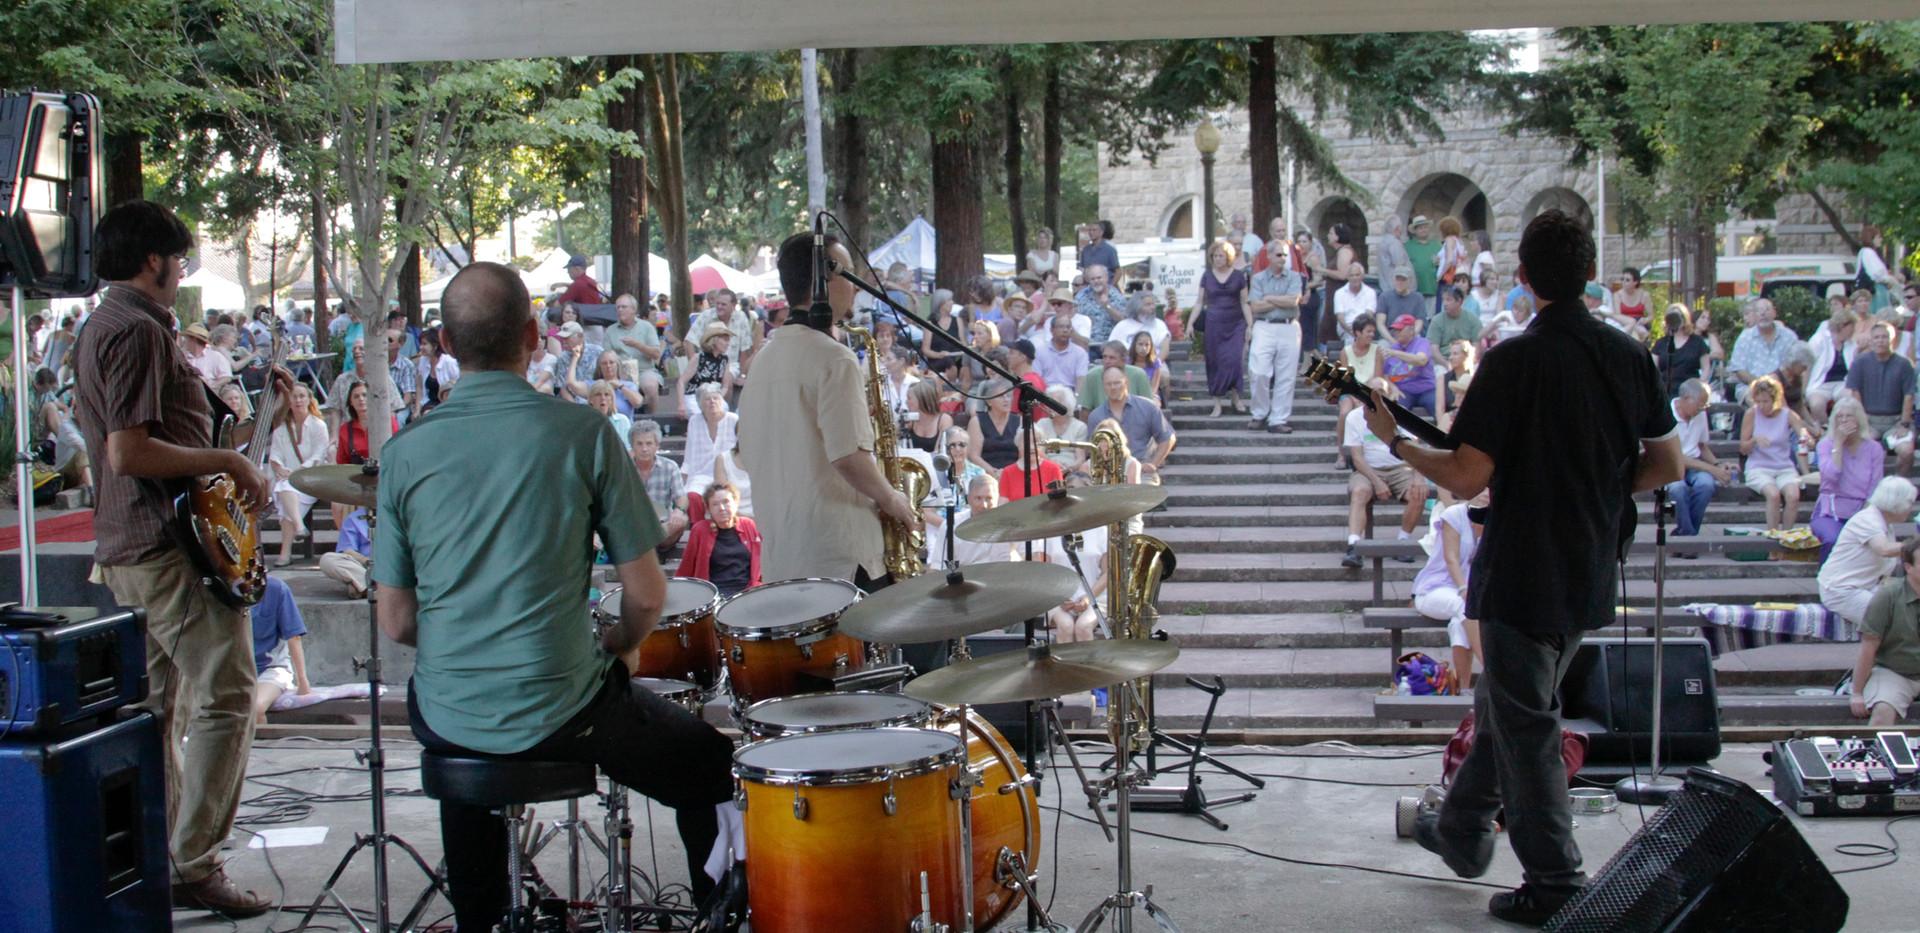 JBG in Sonoma Plaza